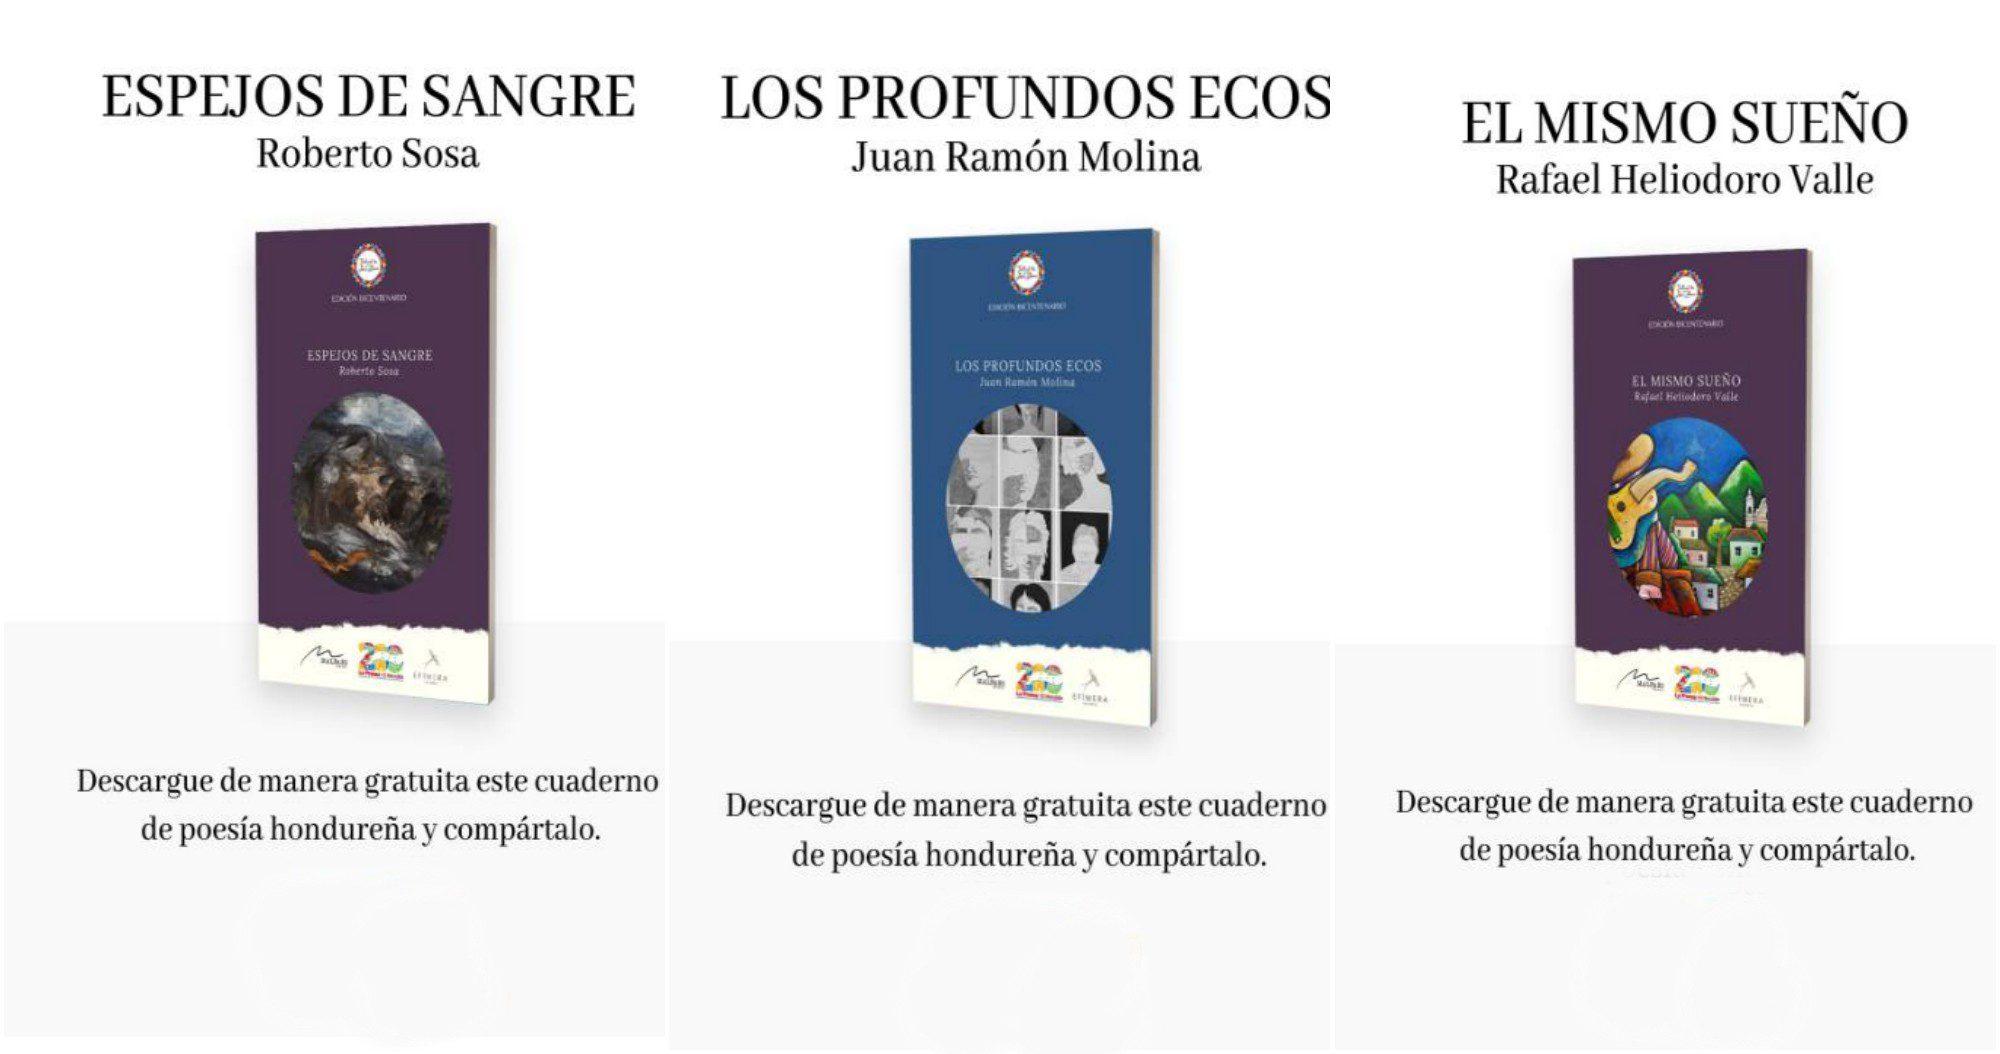 Crean 13 cuadernos digitales de poetas hondureños para descargar